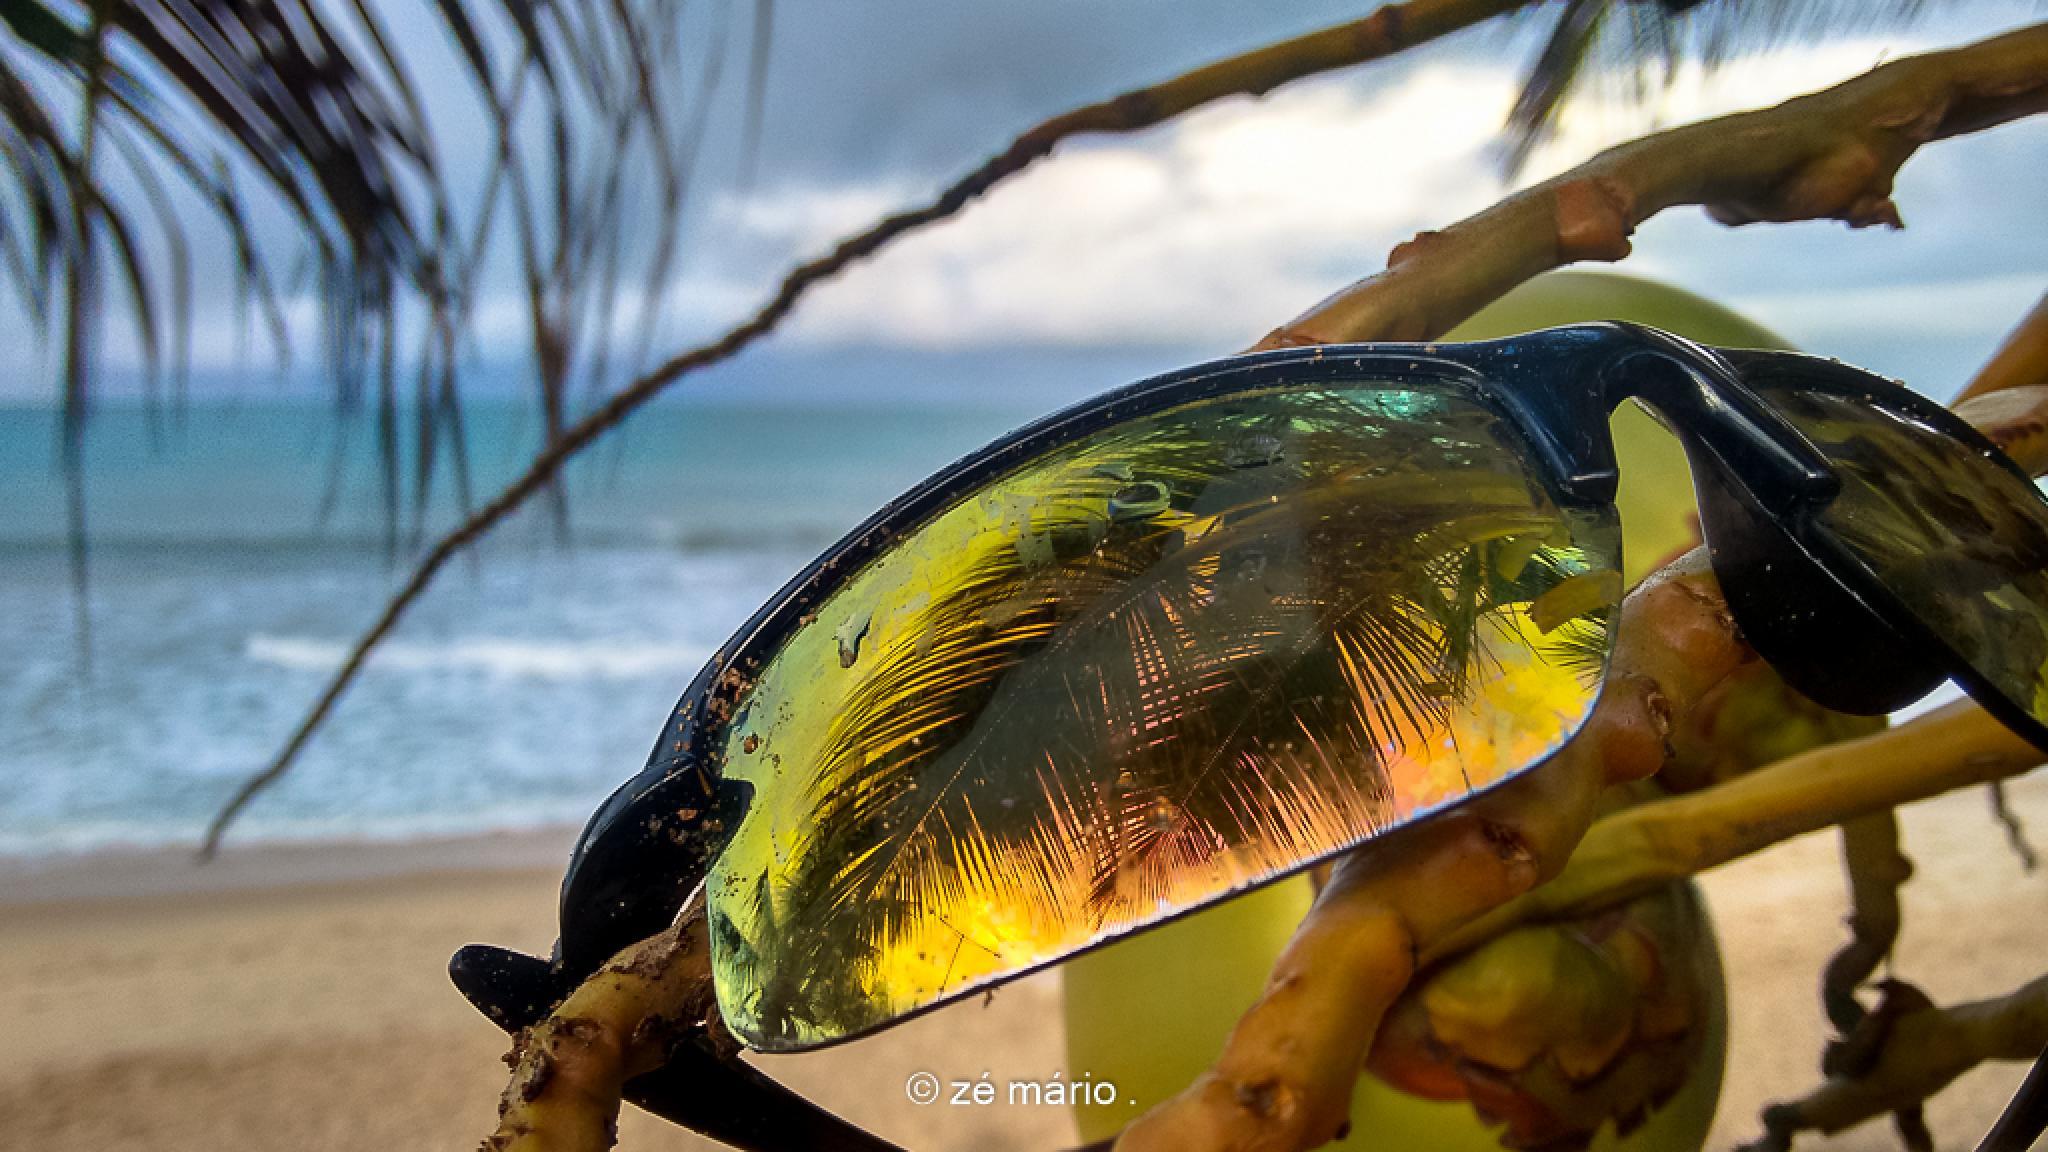 Alguém usou colírio e esqueceu o óculos espelhado na praia... by dezemario